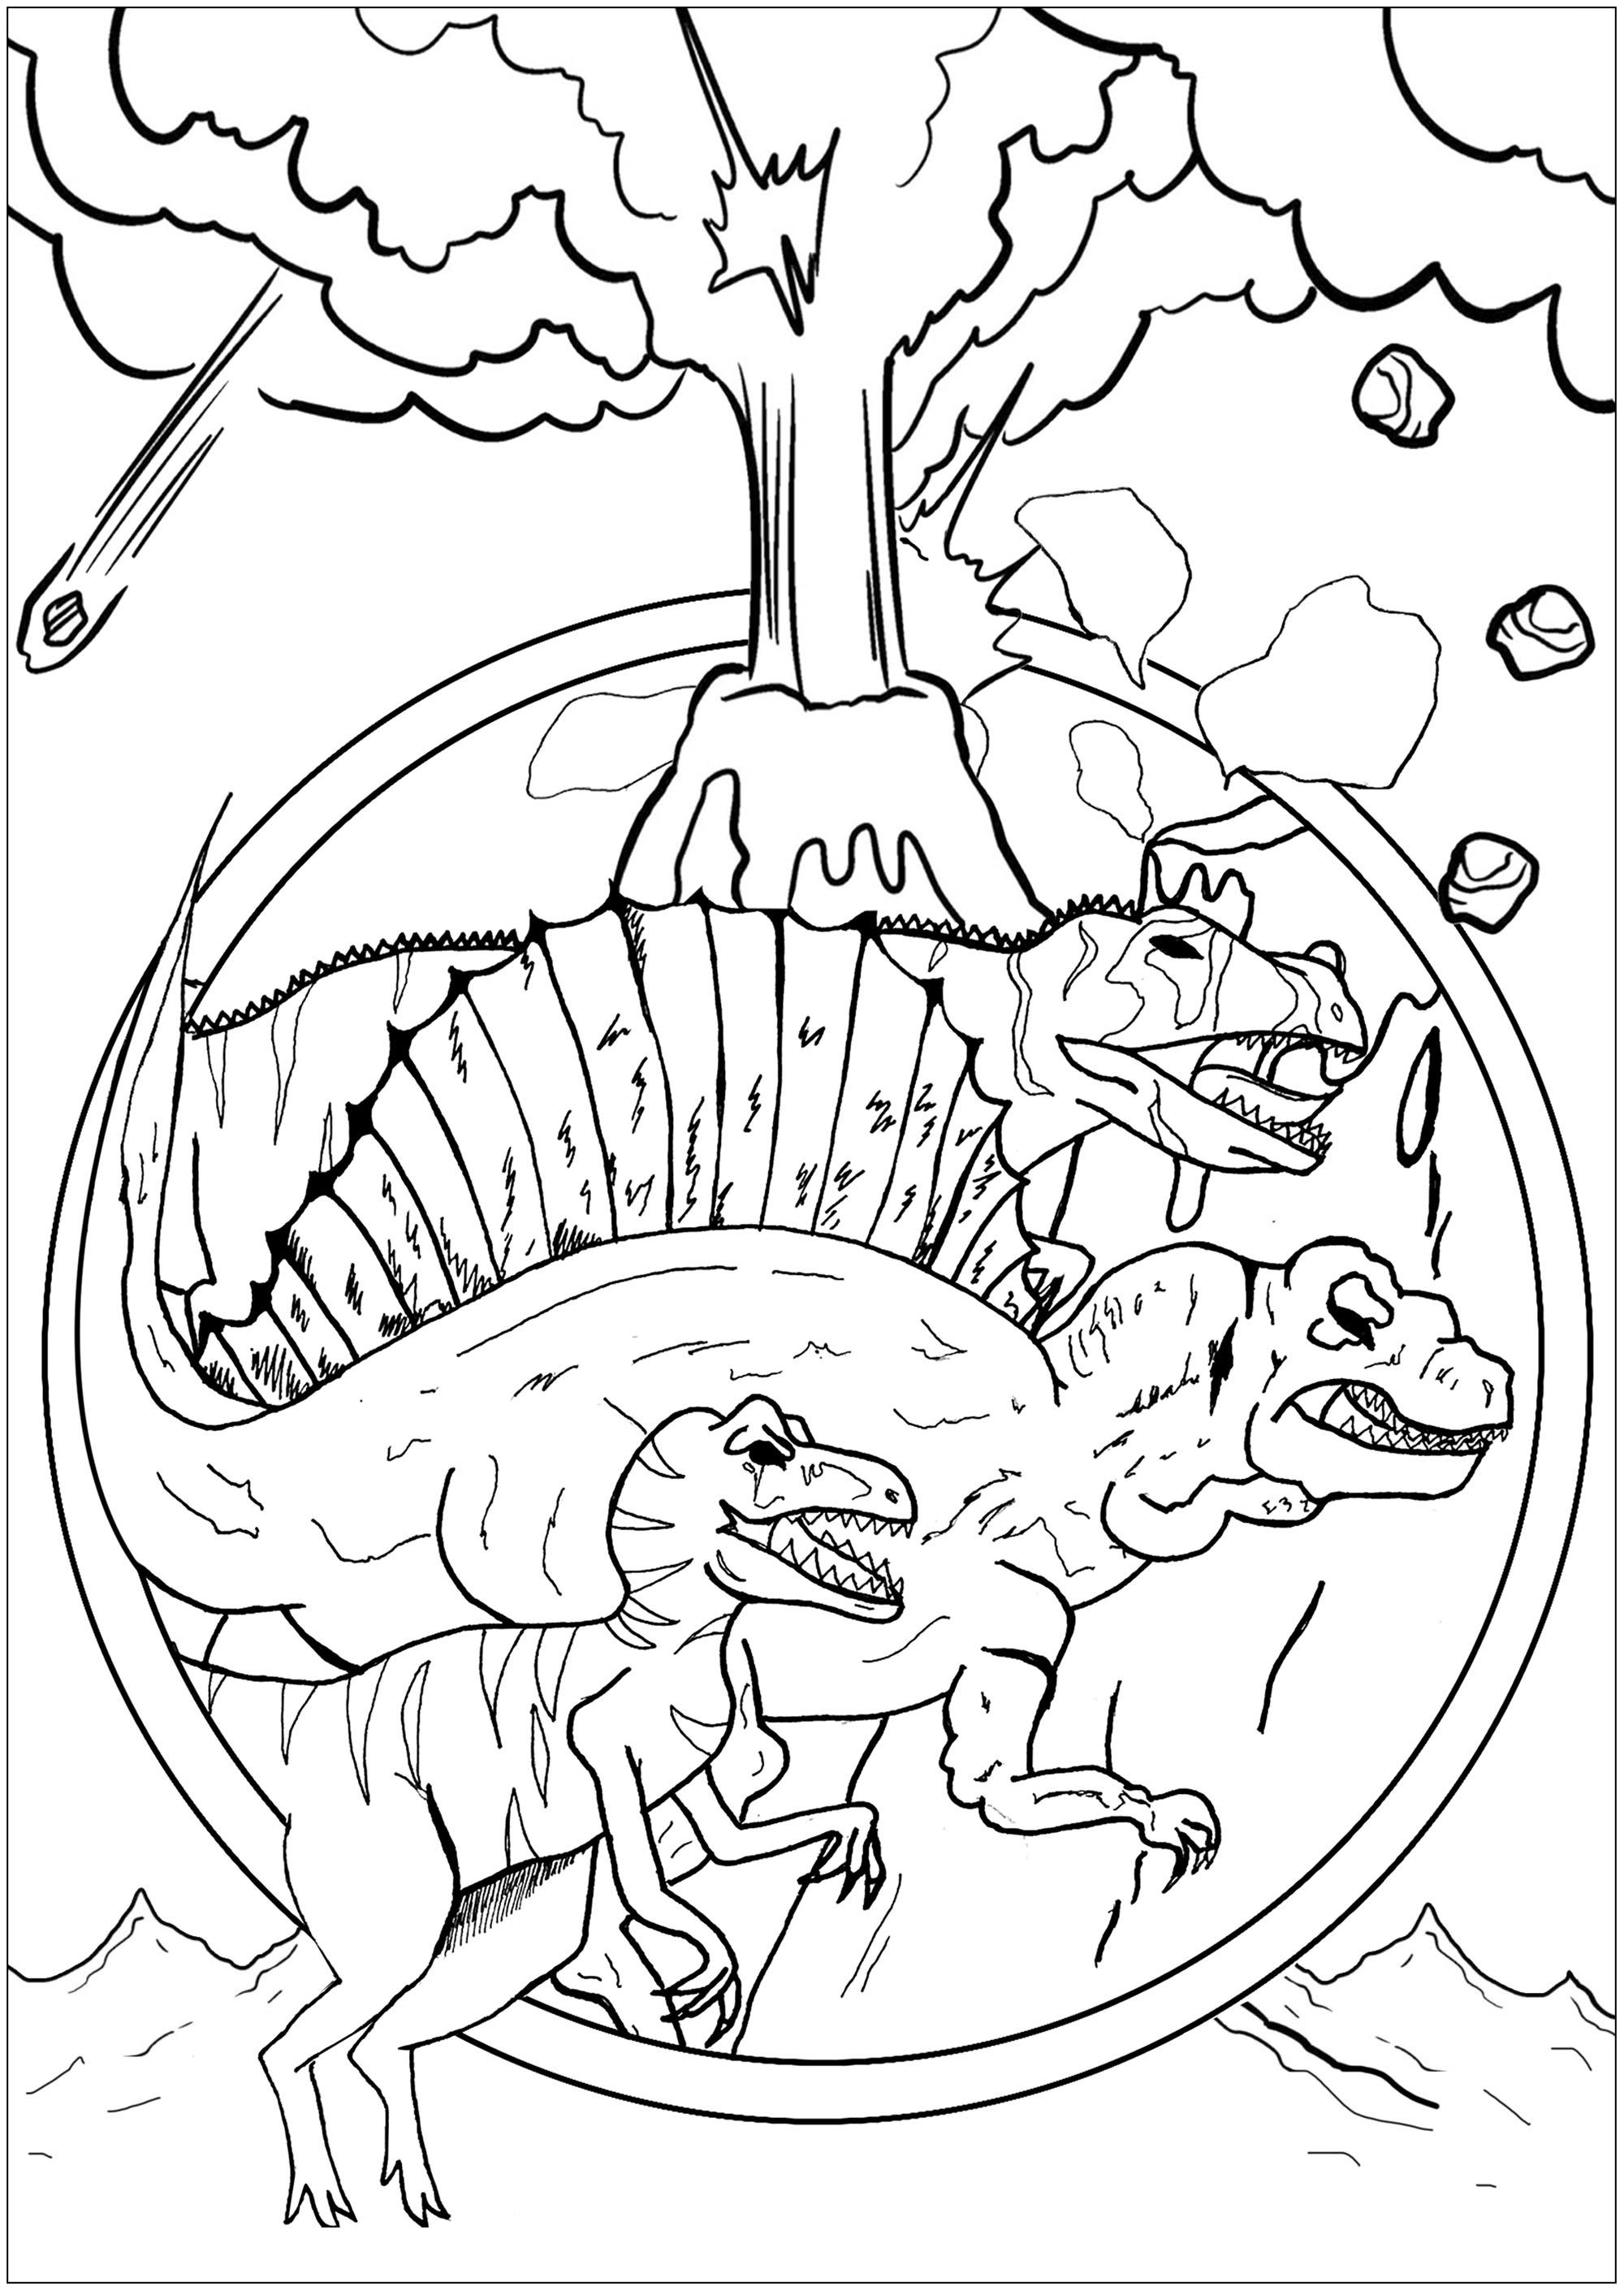 Coloriage Adulte Volcan.Trois Dinosaures Dinosaures Coloriages Difficiles Pour Adultes